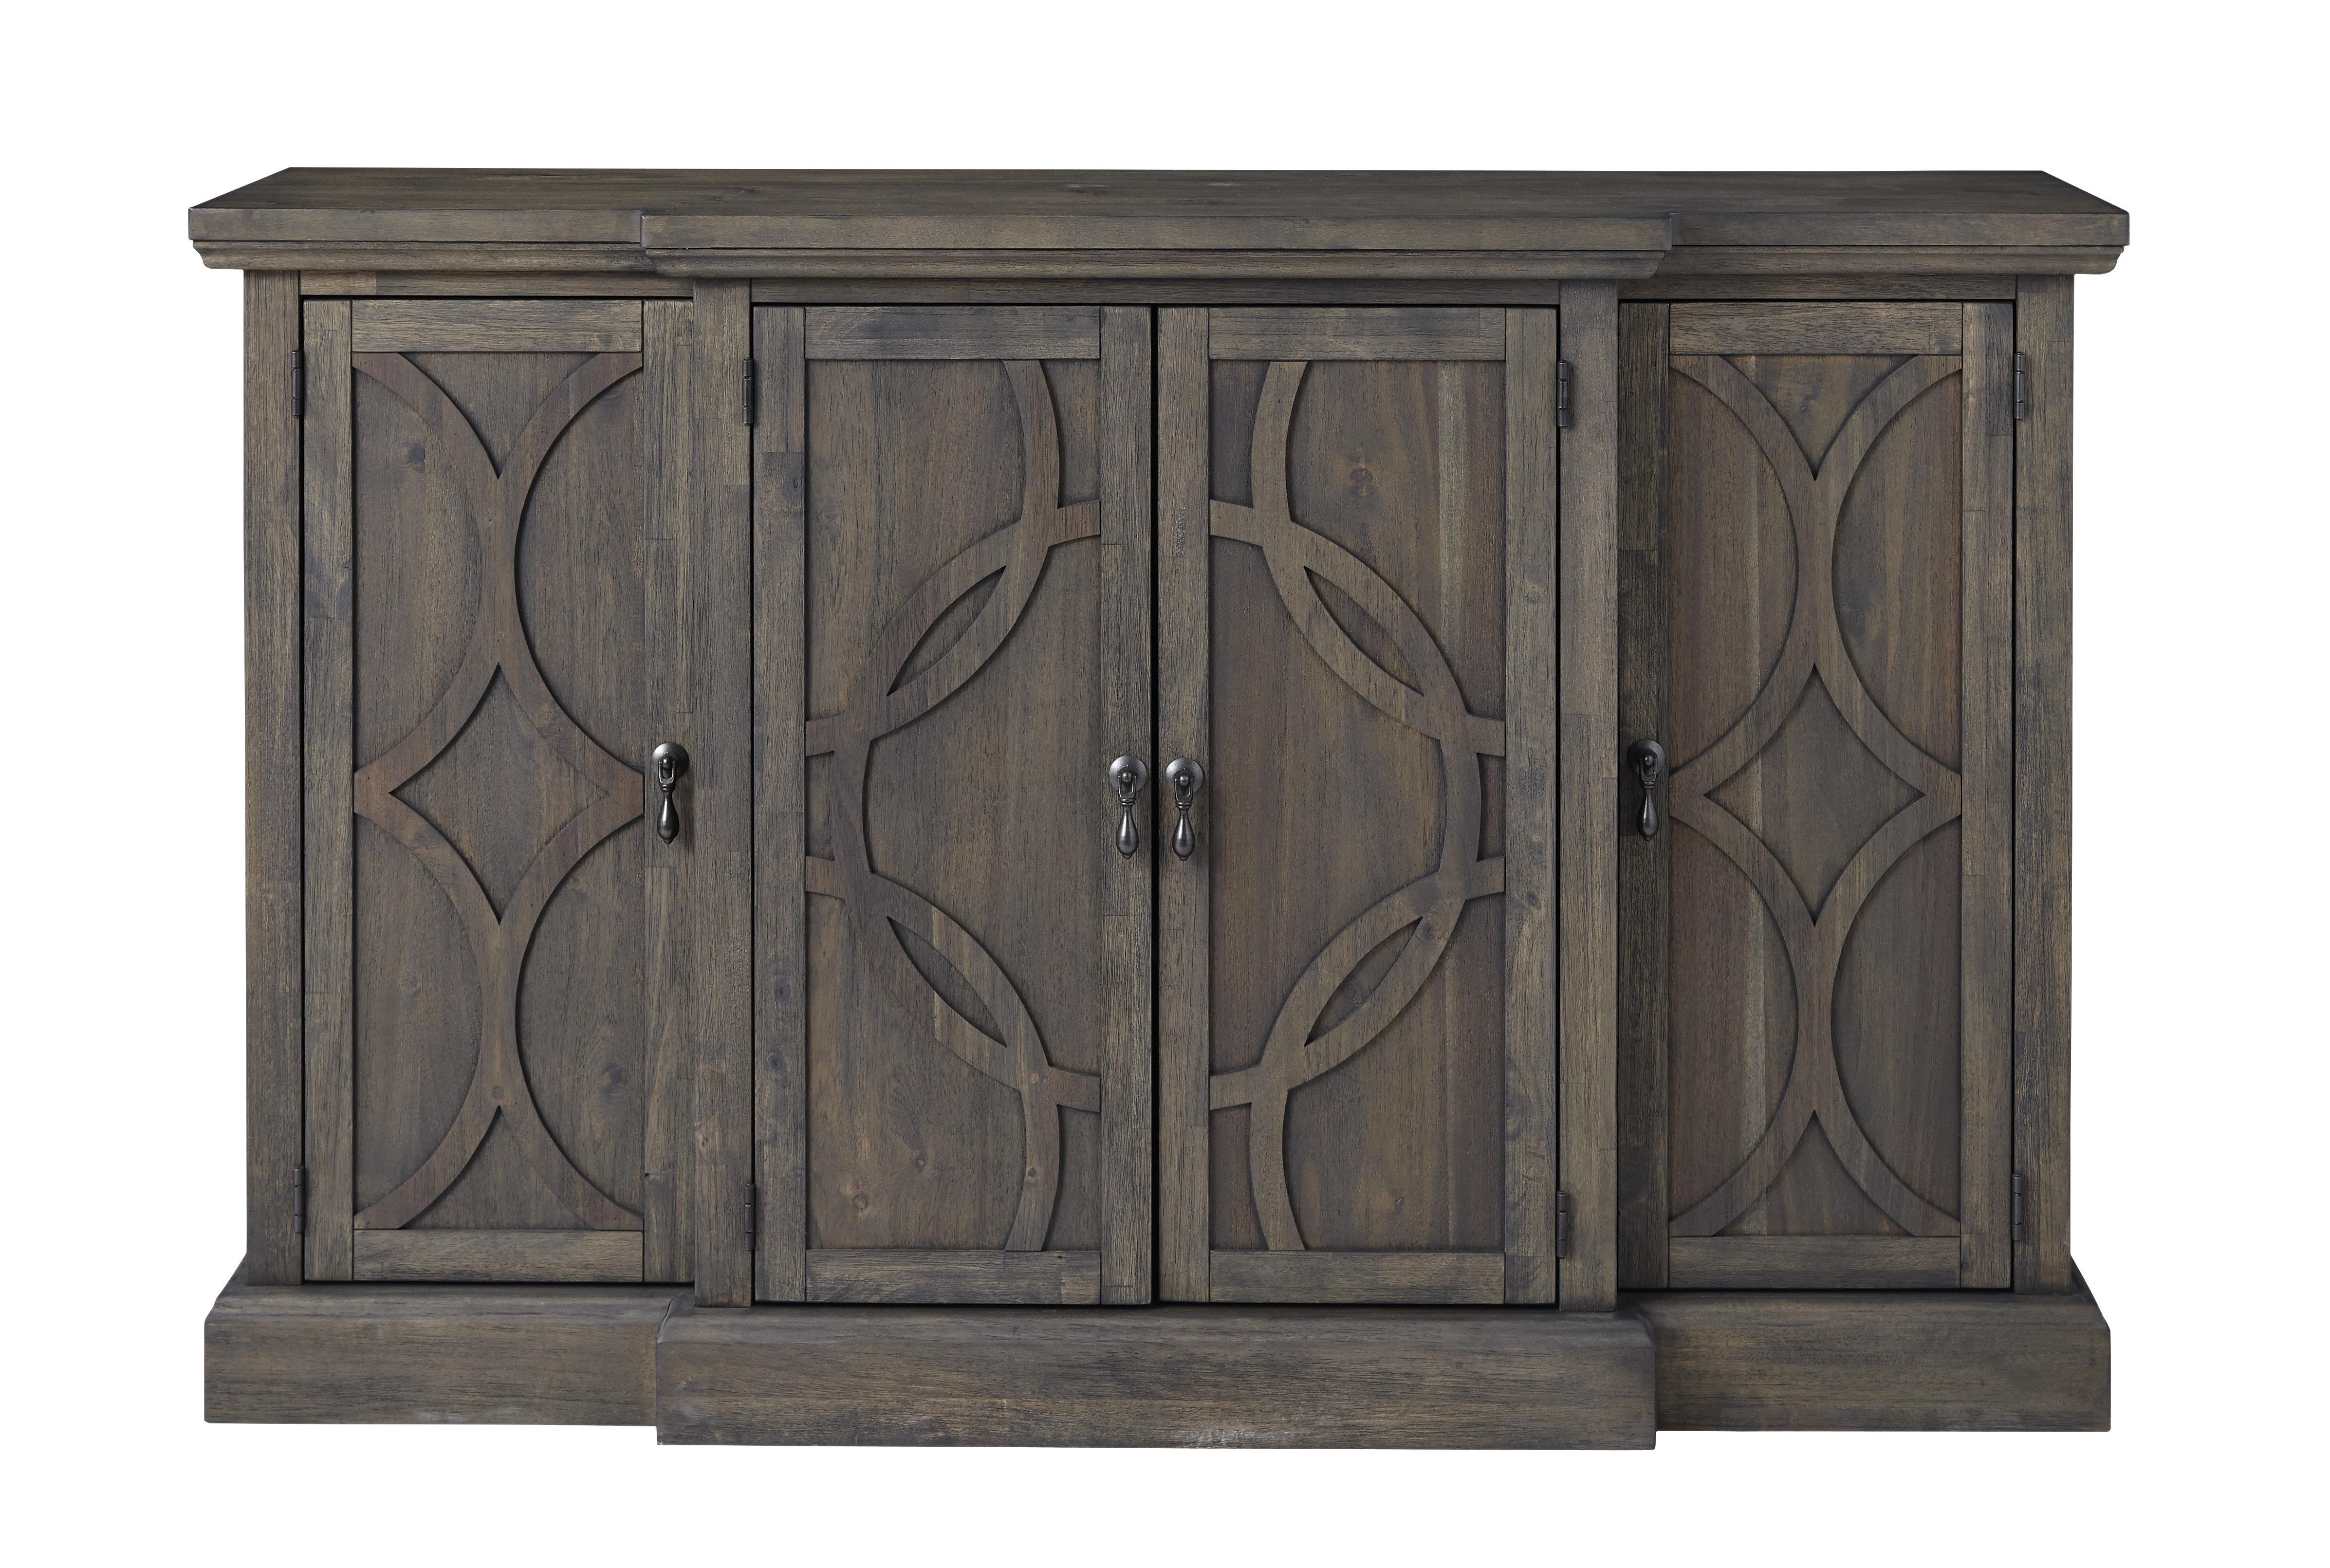 Medium Oak Sideboard | Wayfair Regarding Tavant Sideboards (View 16 of 20)